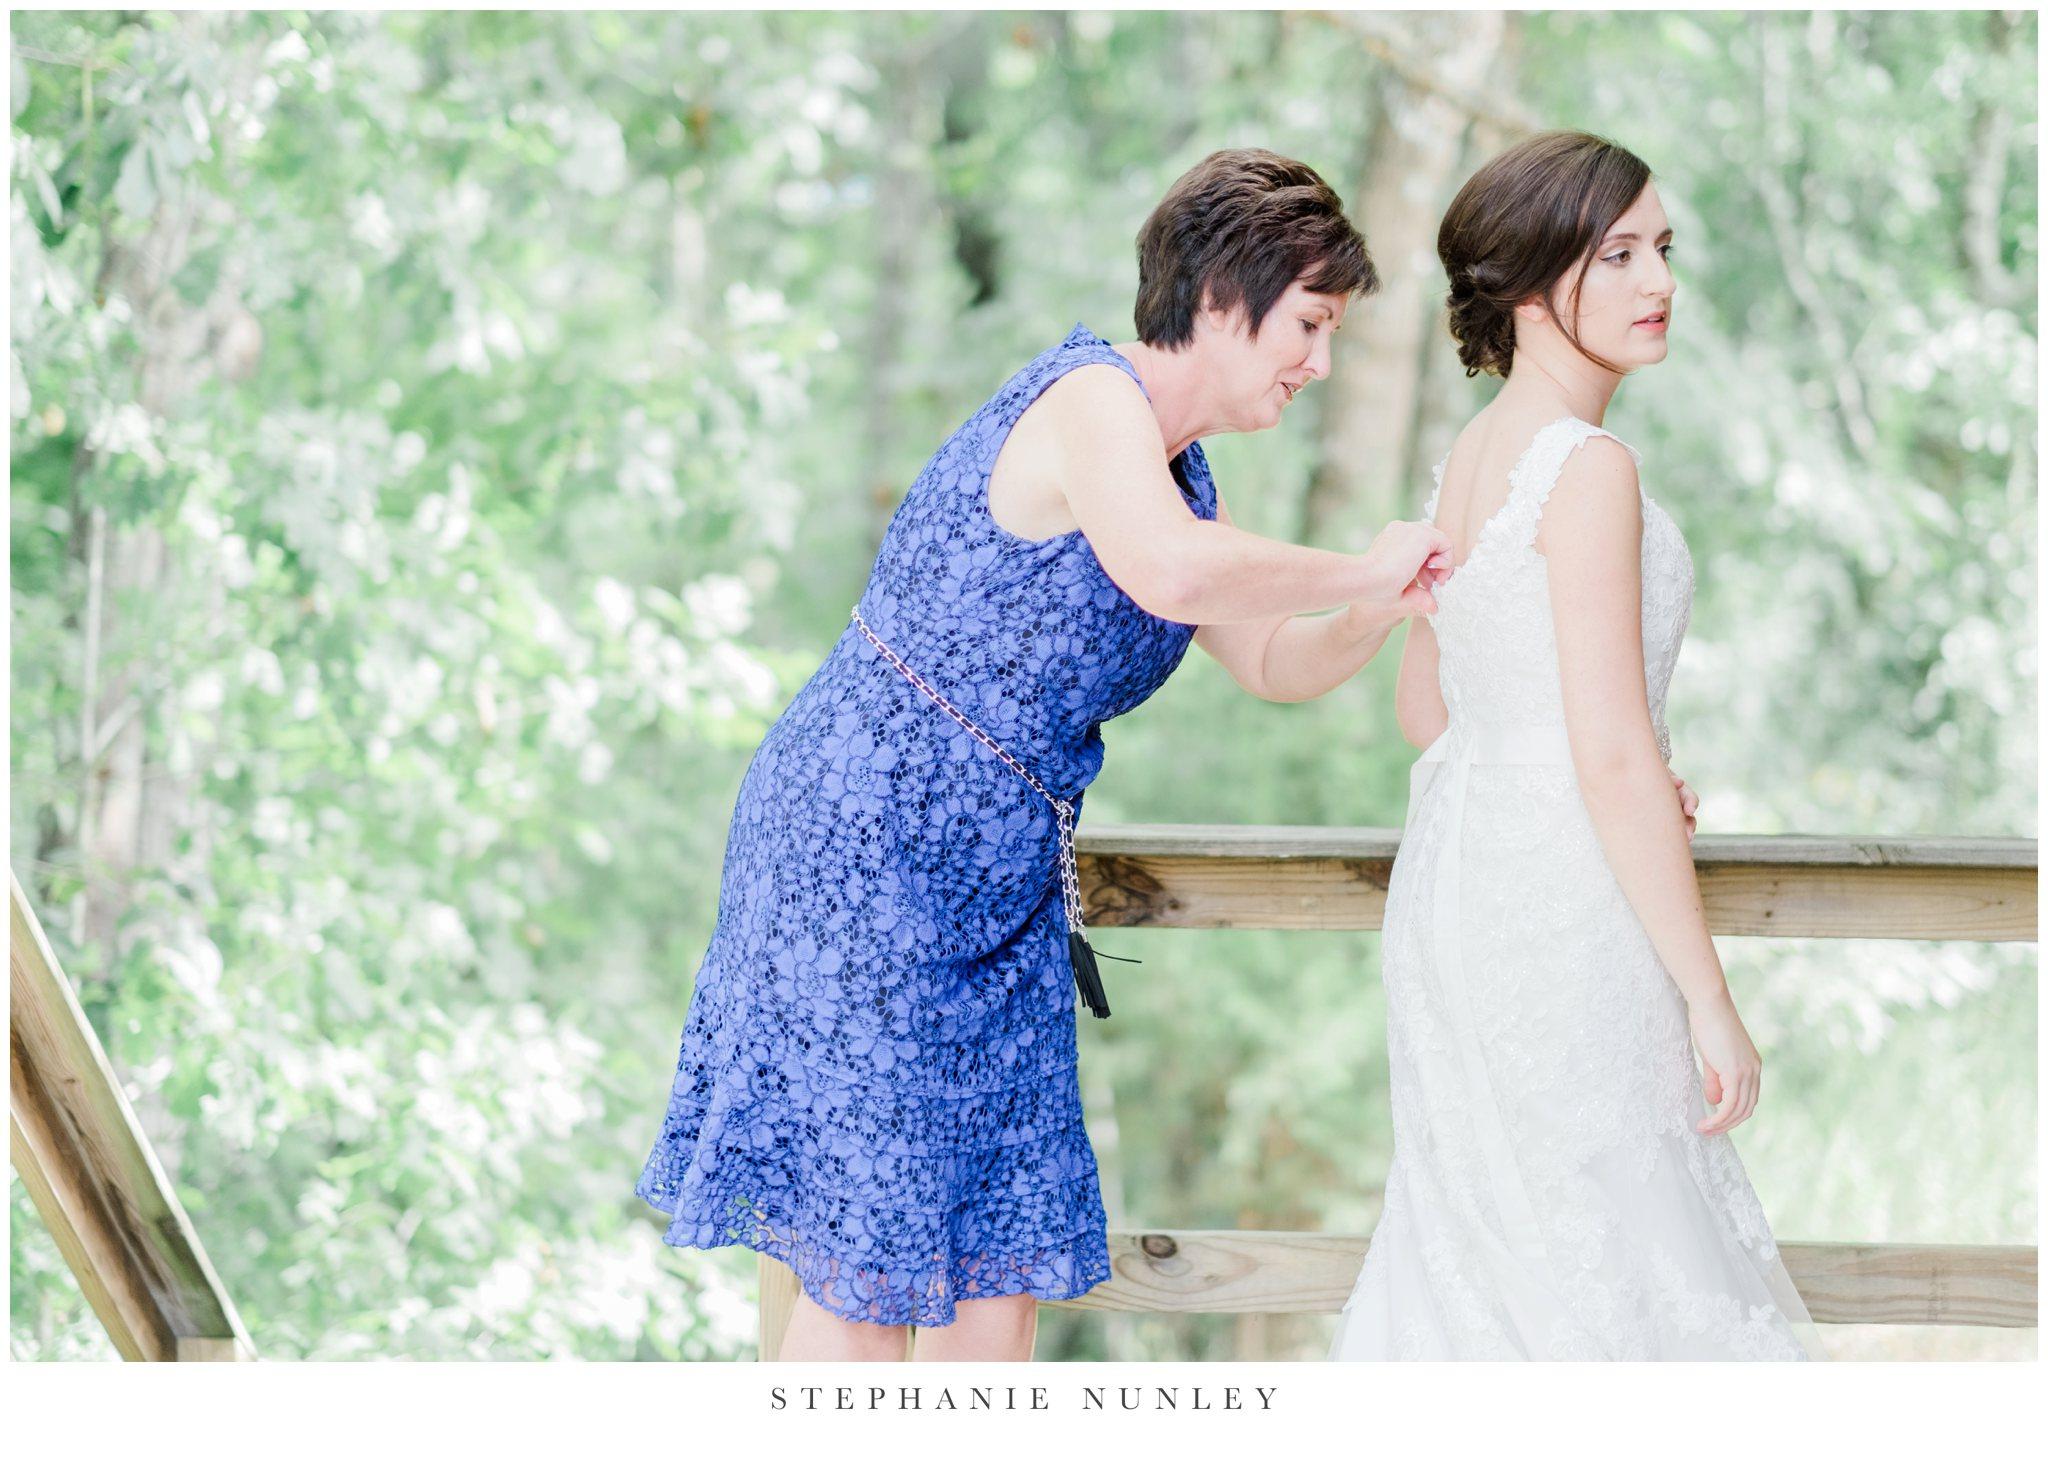 arkansas-outdoor-film-inspired-wedding-0021.jpg